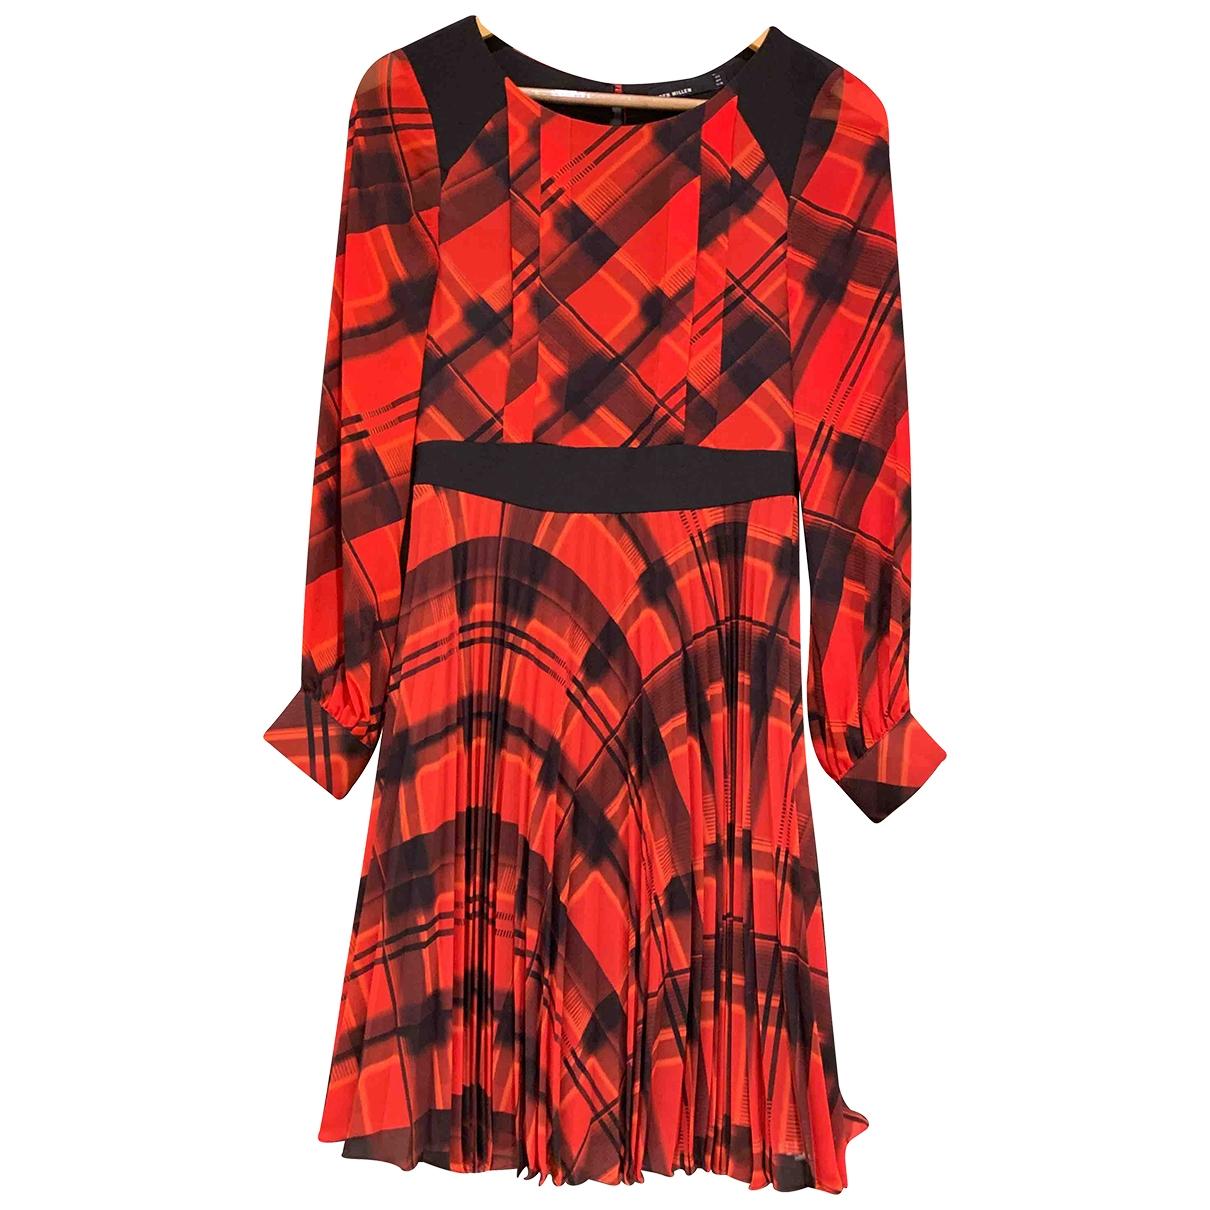 Karen Millen \N Red dress for Women 8 UK